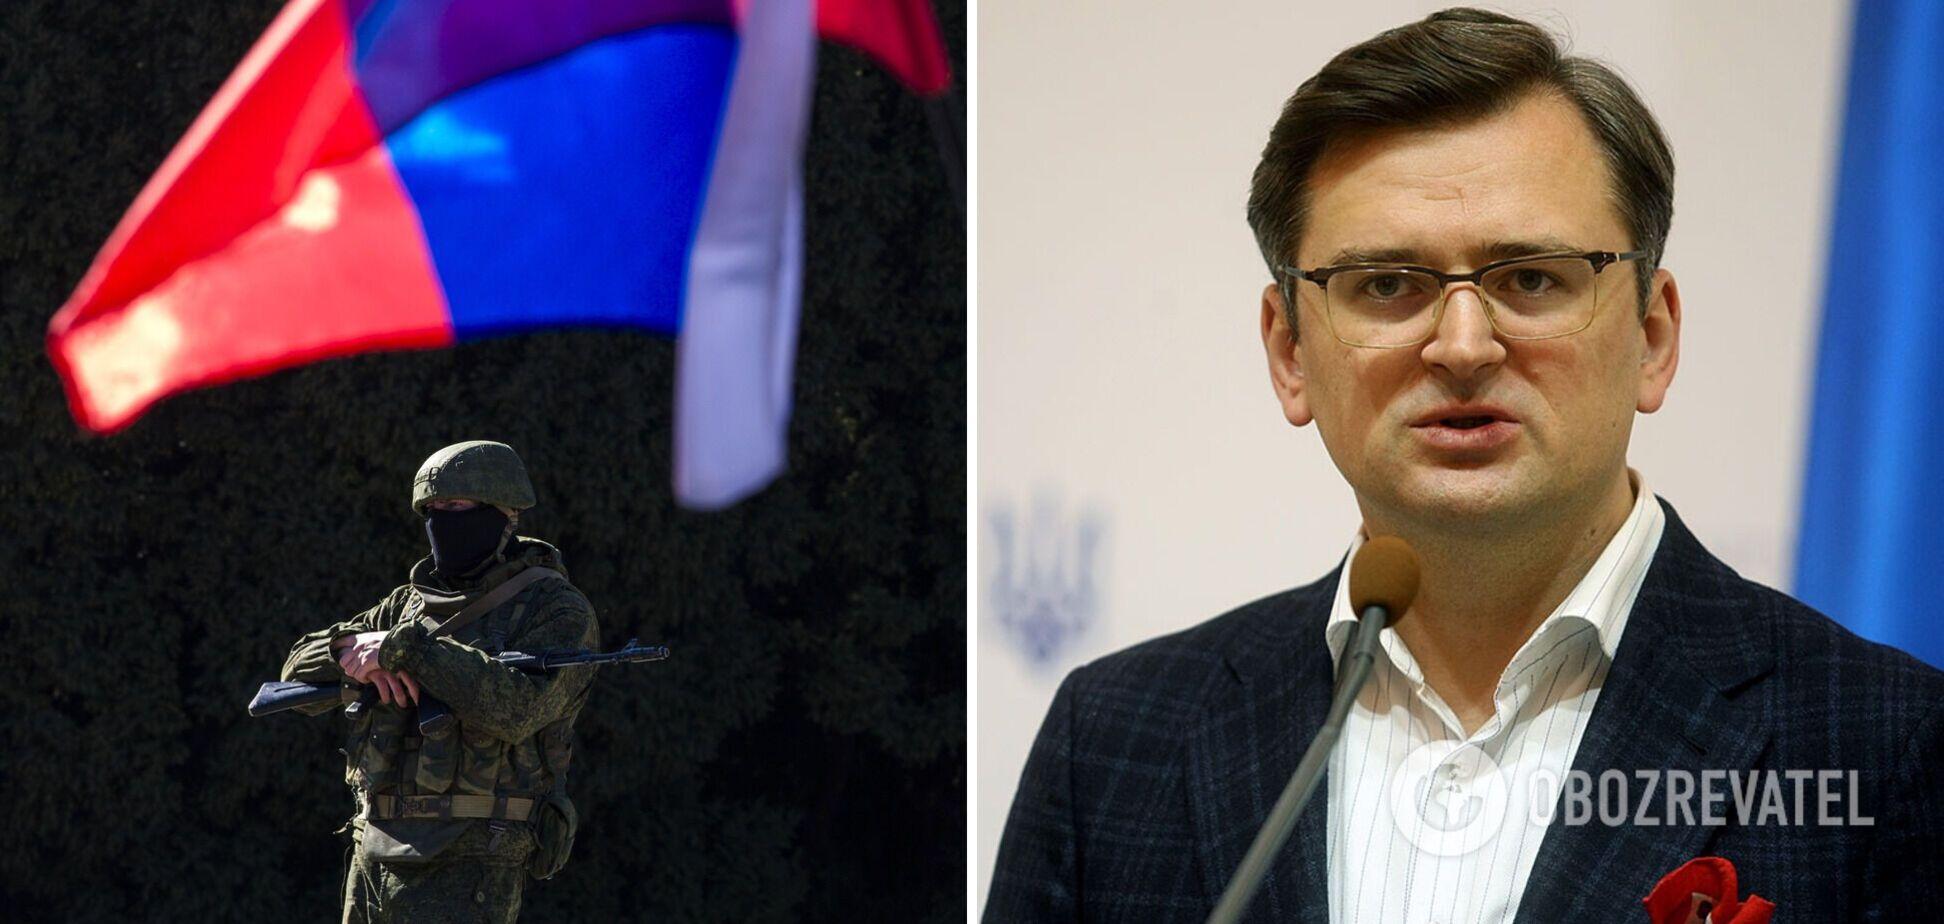 Кулеба заявил, что сегодняшние провокации РФ самые серьезные со времен конфликта в Керченском проливе